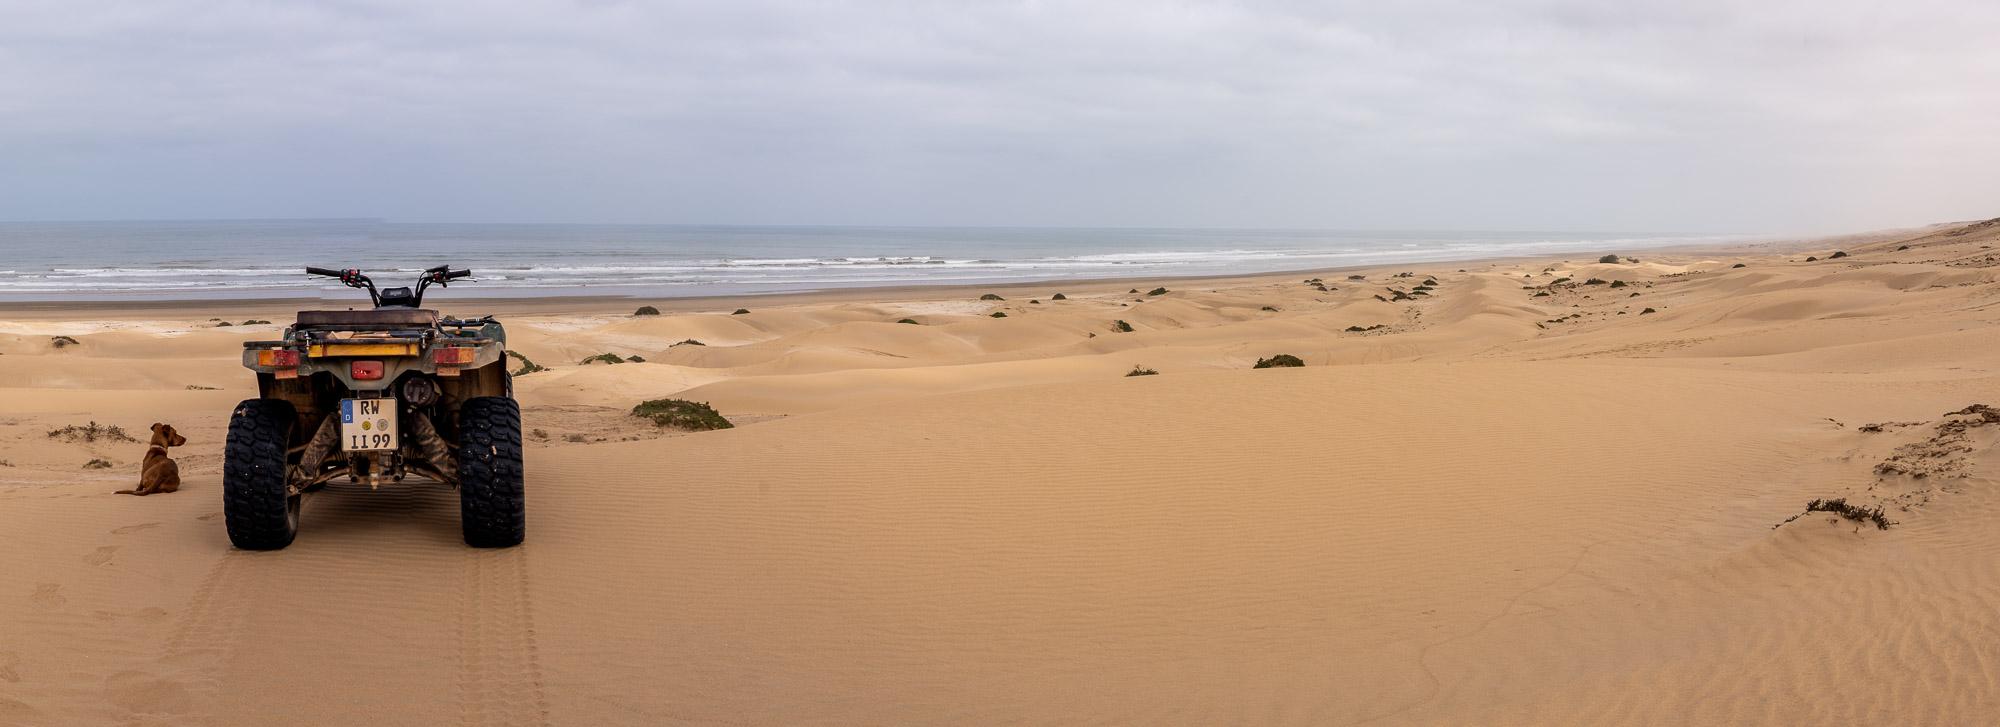 Marokko | Staffel 2, Folge 6: Wir wollen Wasser! zur Heißen Quelle und an den Plage Blanche